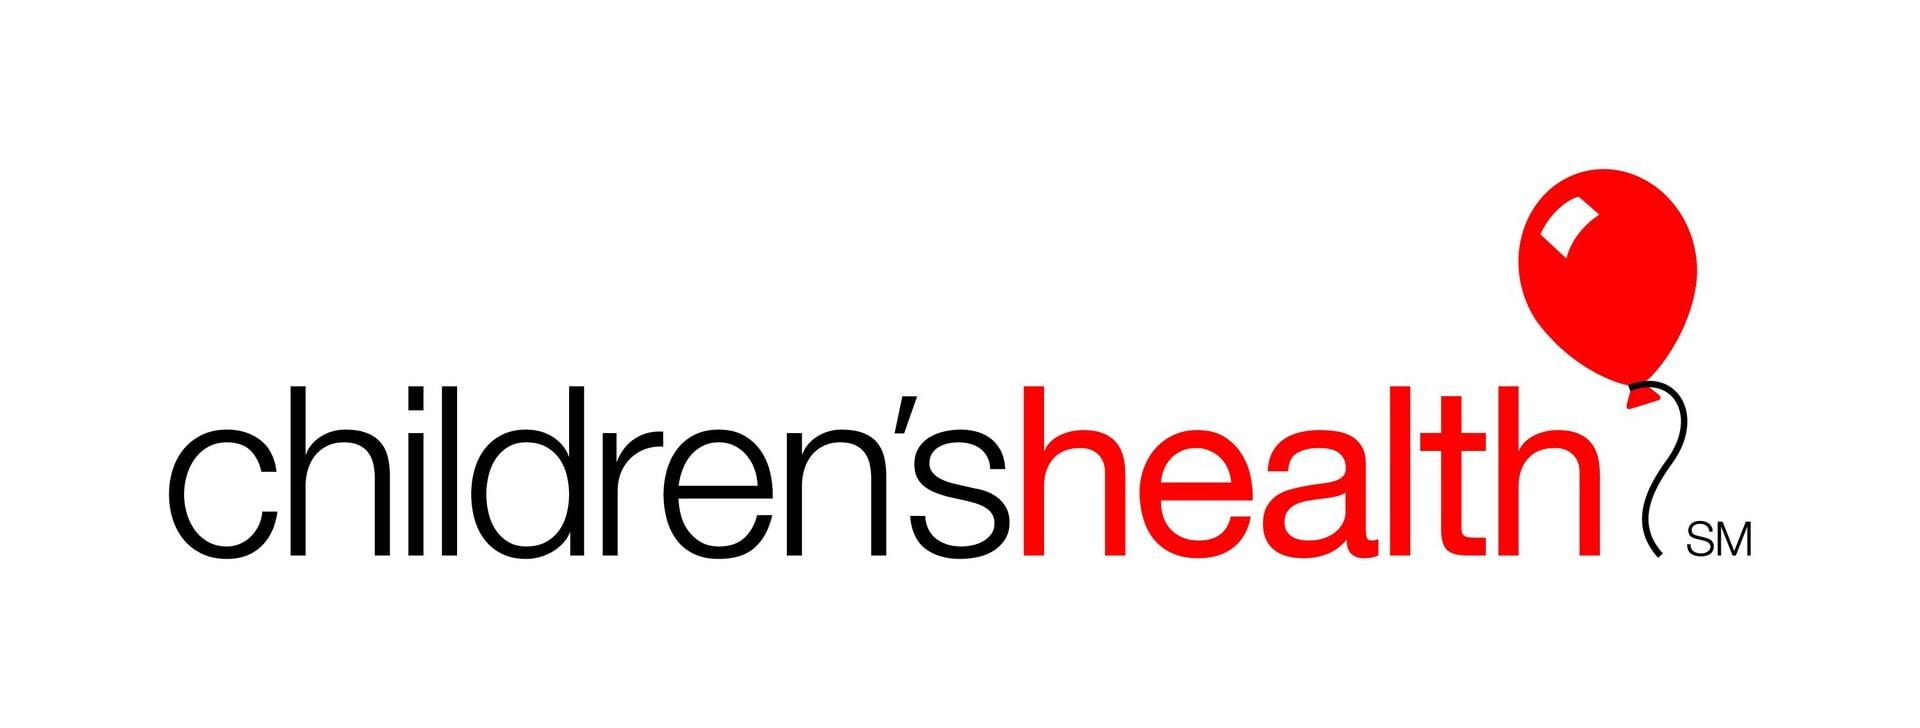 children's health system logo